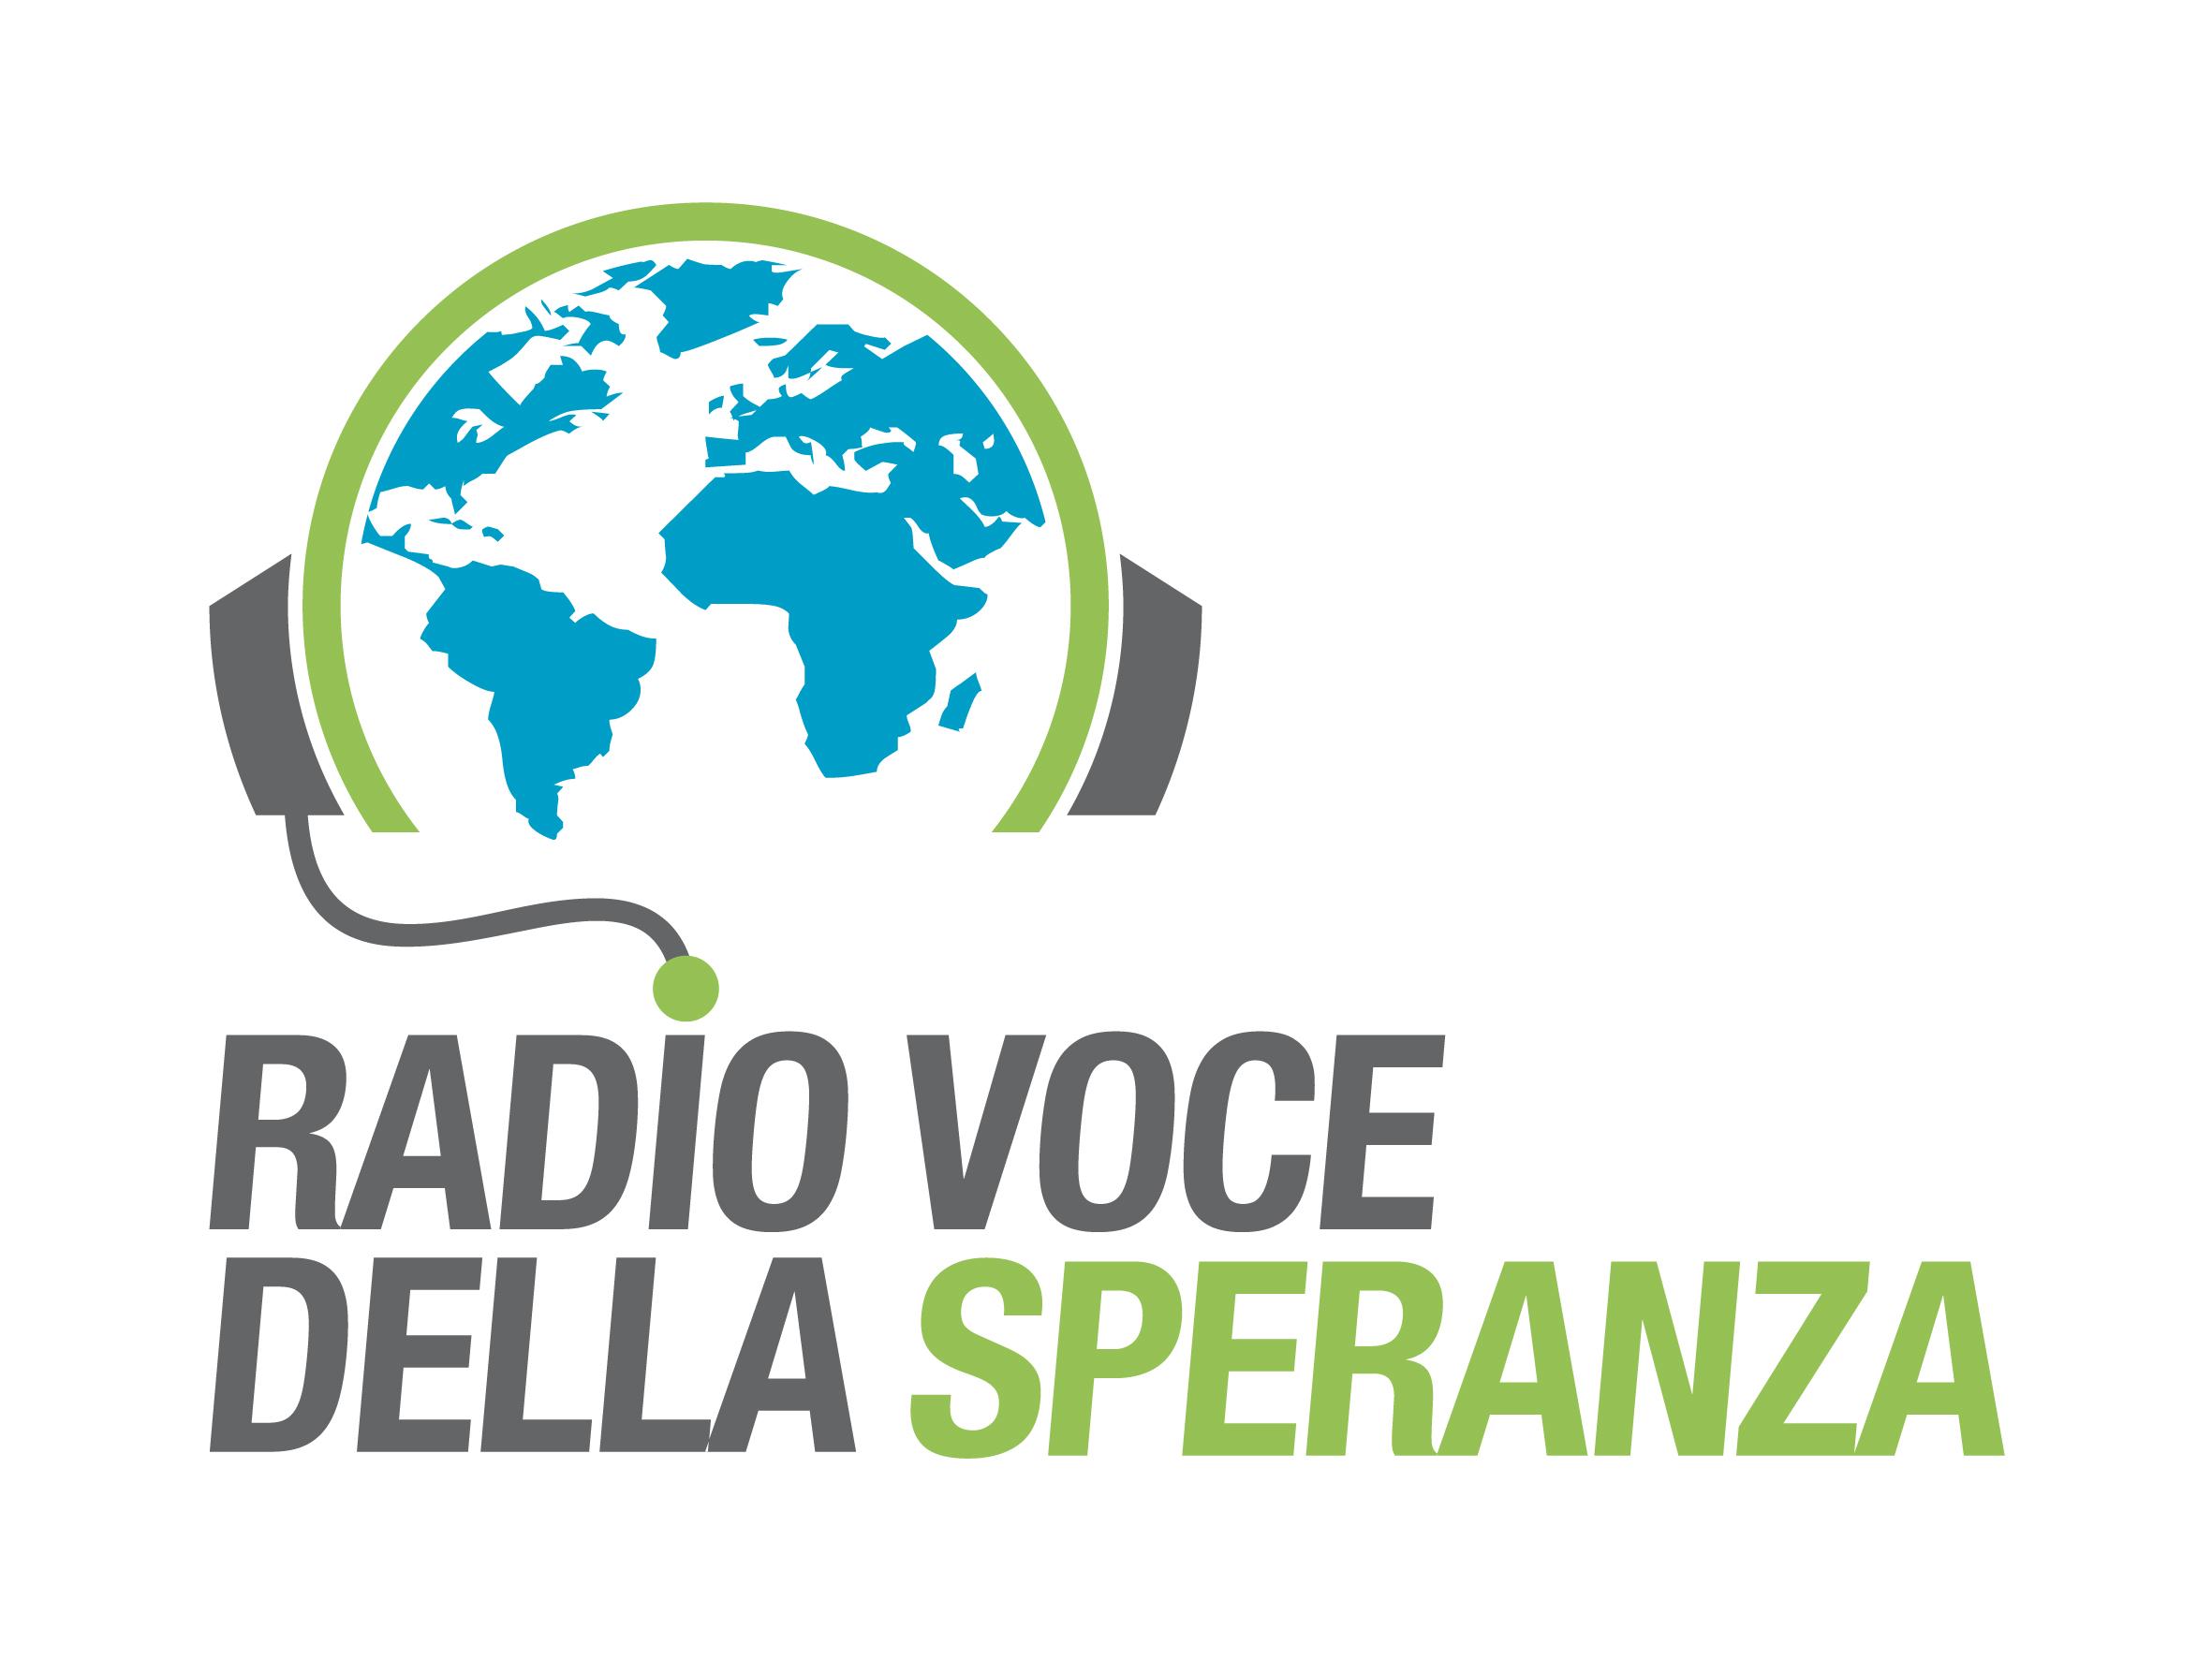 Programmi radio Rvs disponibili su internet. Sola grazia